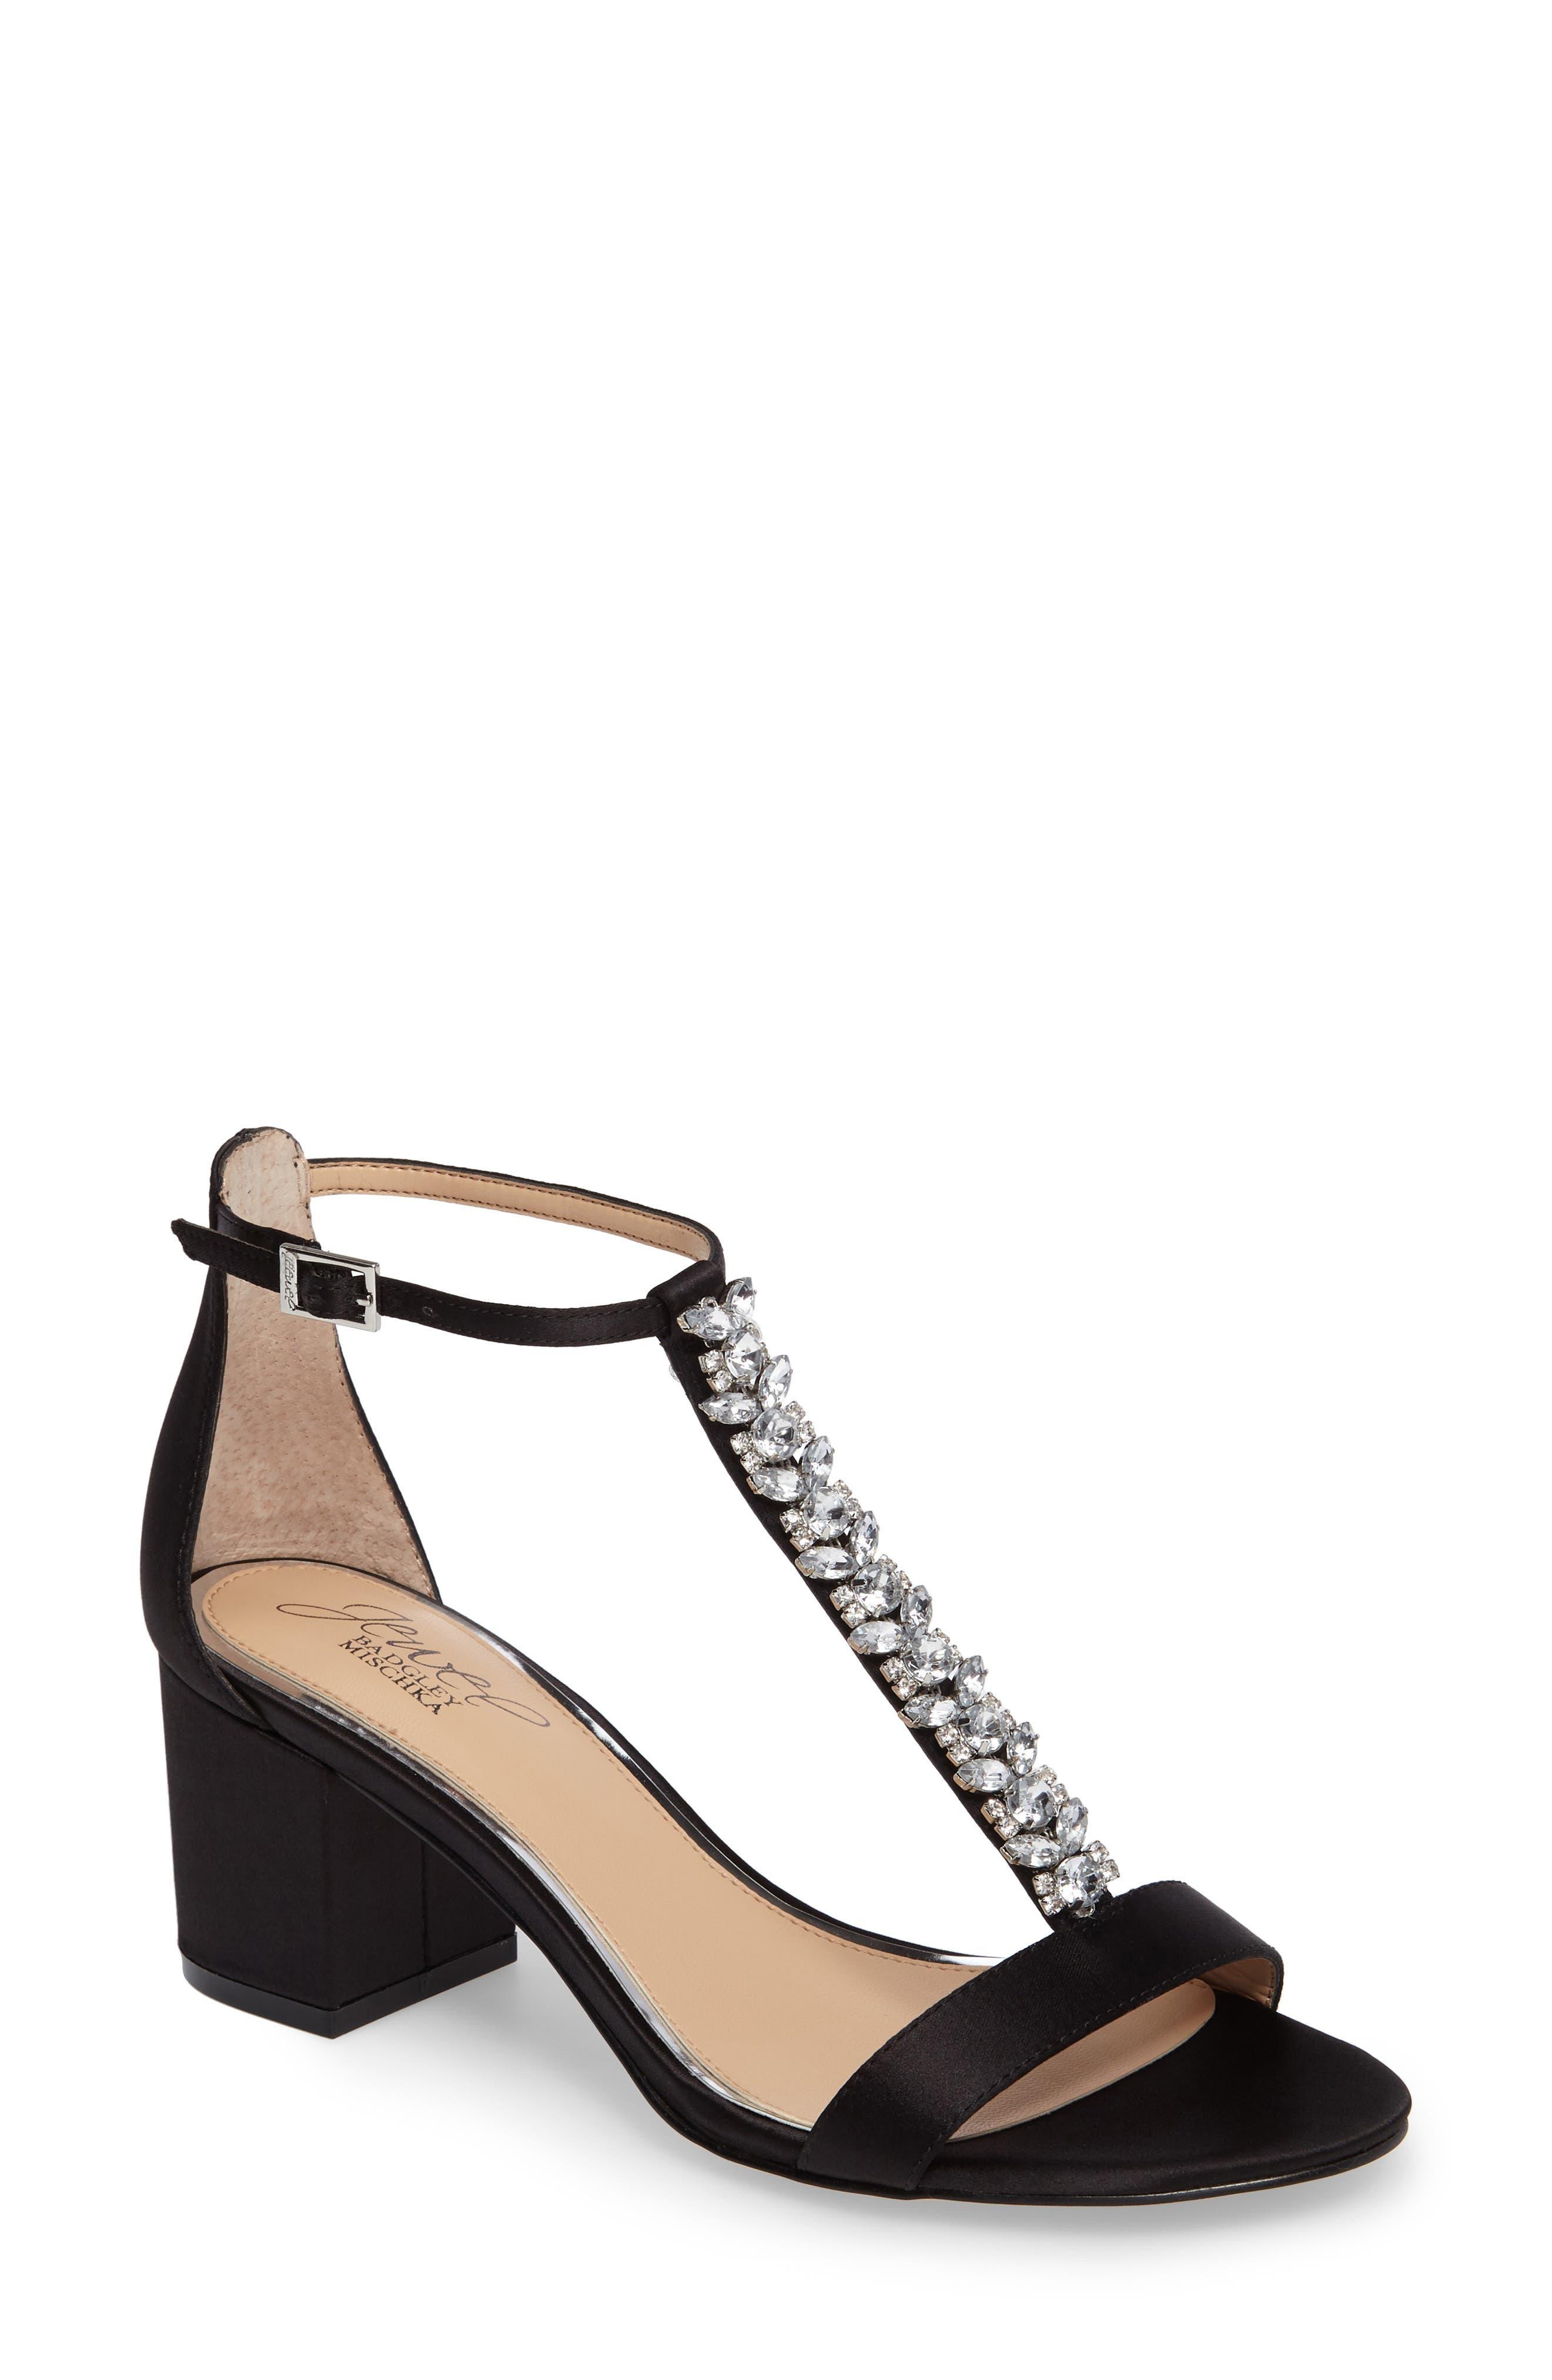 Lindsey Embellished T-Strap Sandal,                         Main,                         color, Black Satin